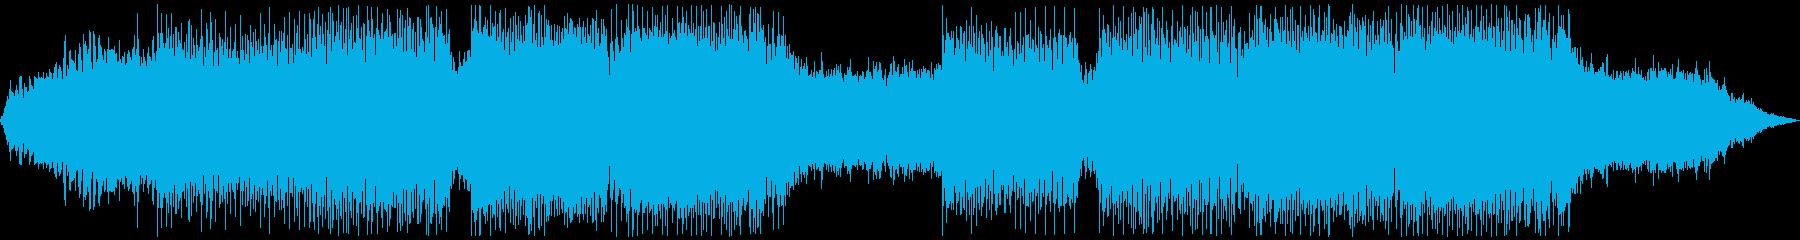 レースゲーム・幻想的で疾走感のあるEDMの再生済みの波形